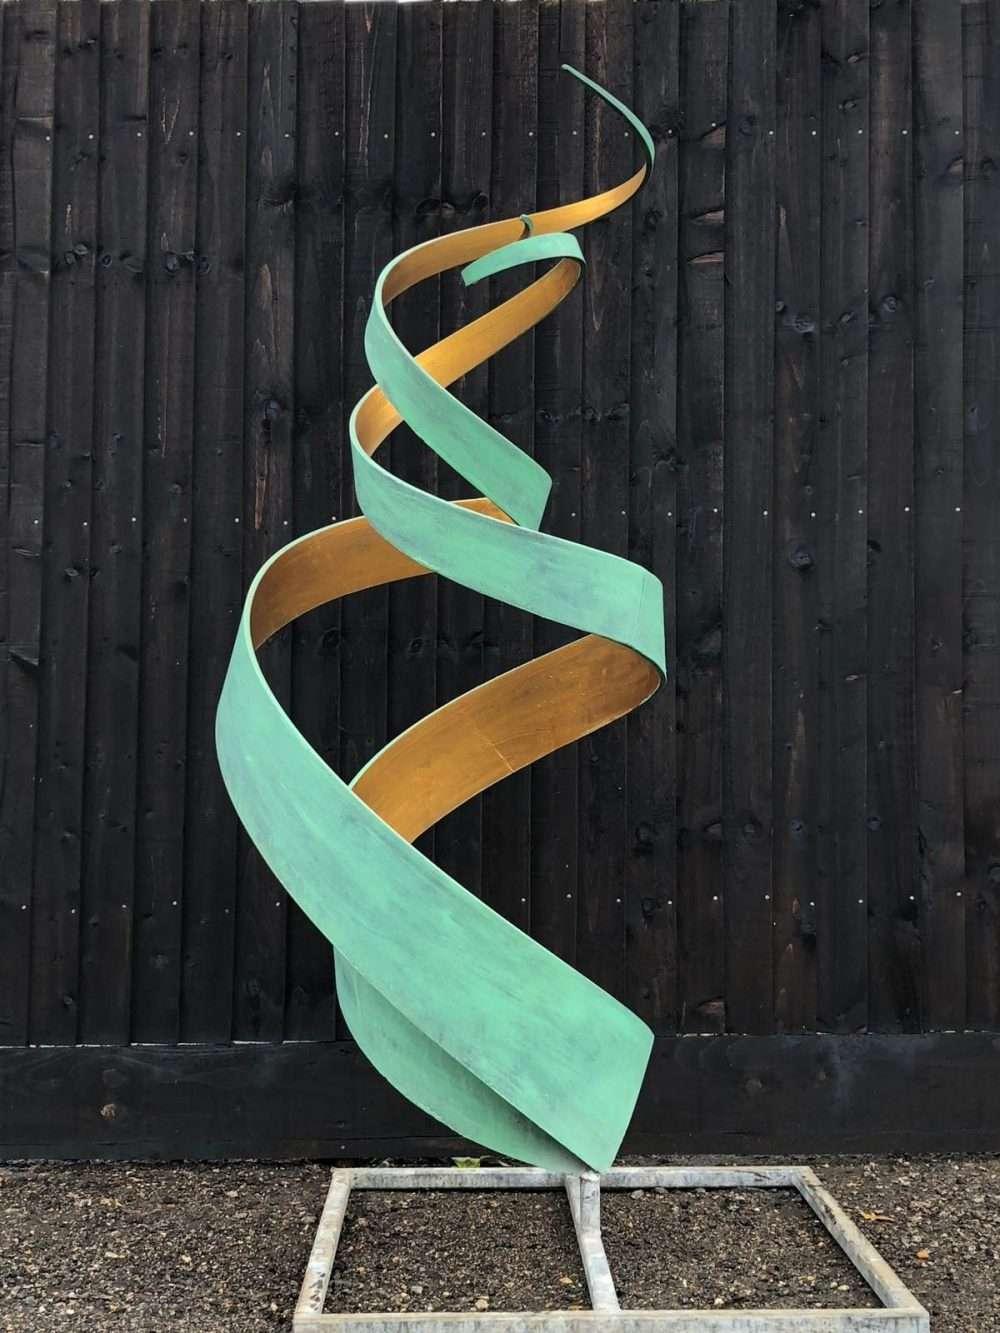 Golden Spiral Abstract Sculpture